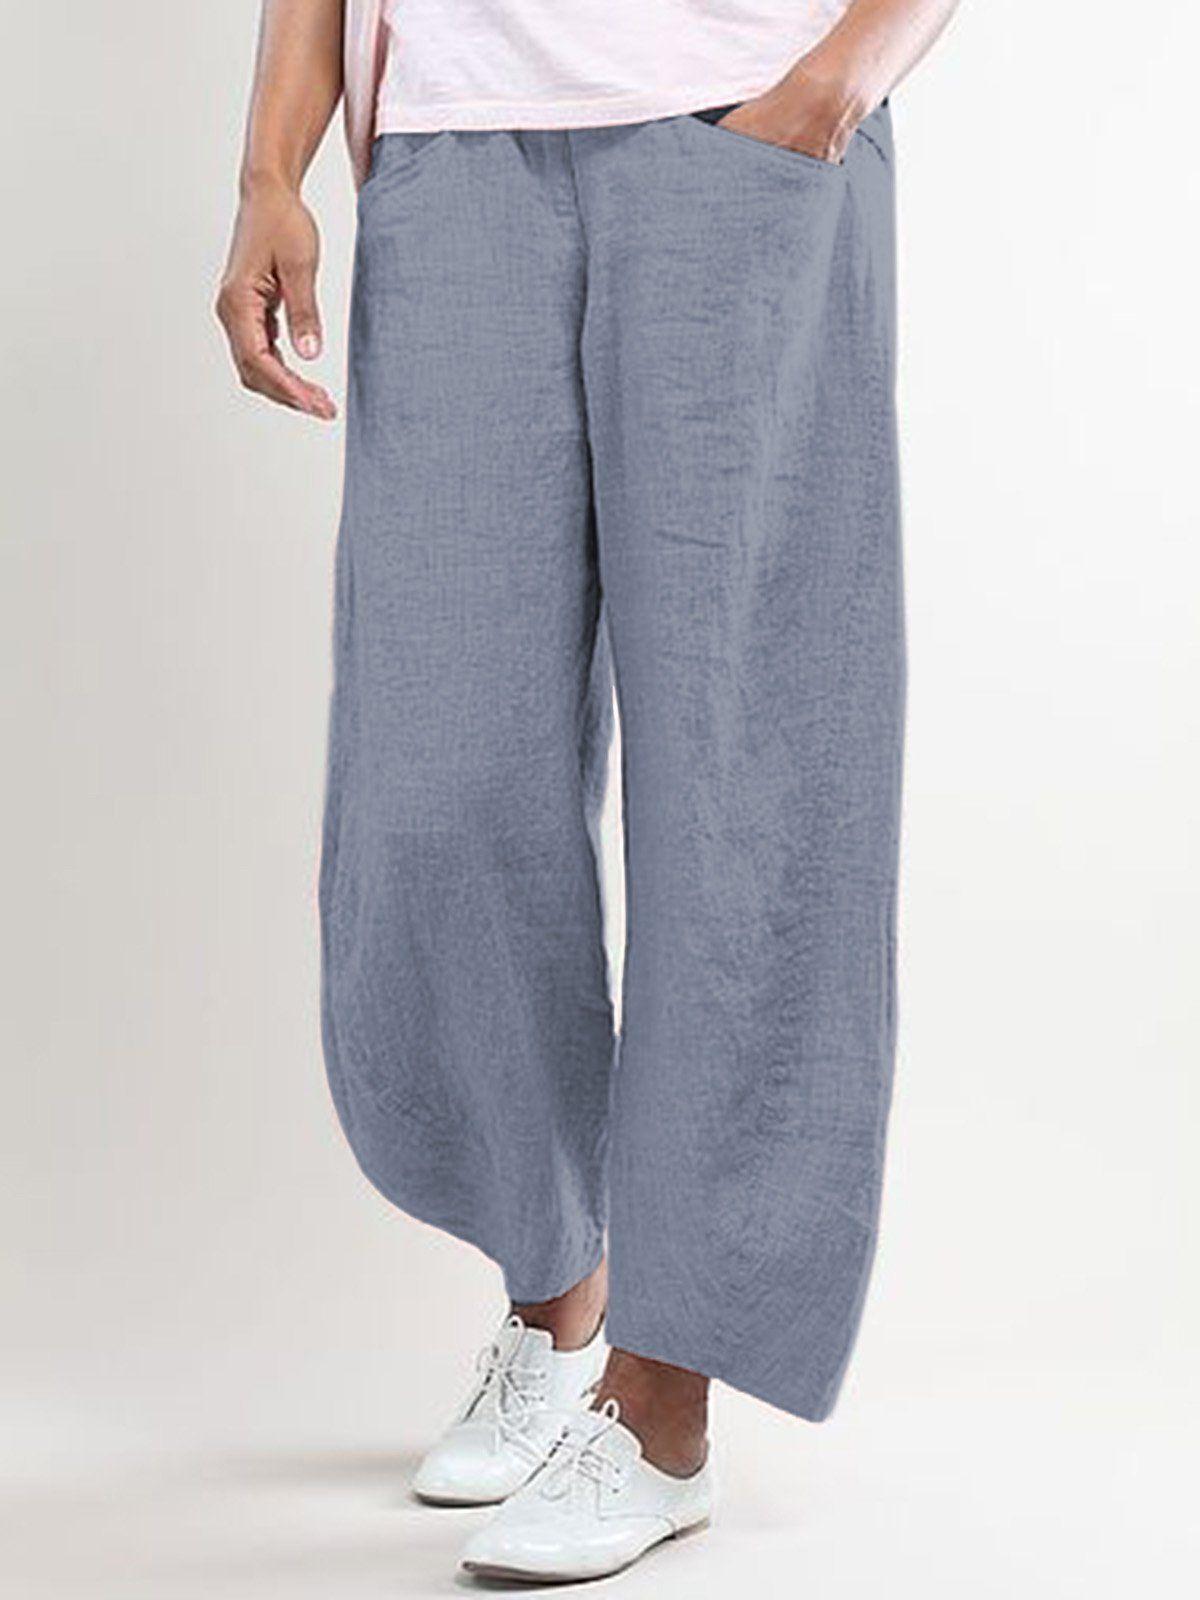 PENGY Pants Trouser Woman Striped Harem Pants Fashion Loose Cotton Linen Pants Casual Pocket Pants Loose Cotton Linen